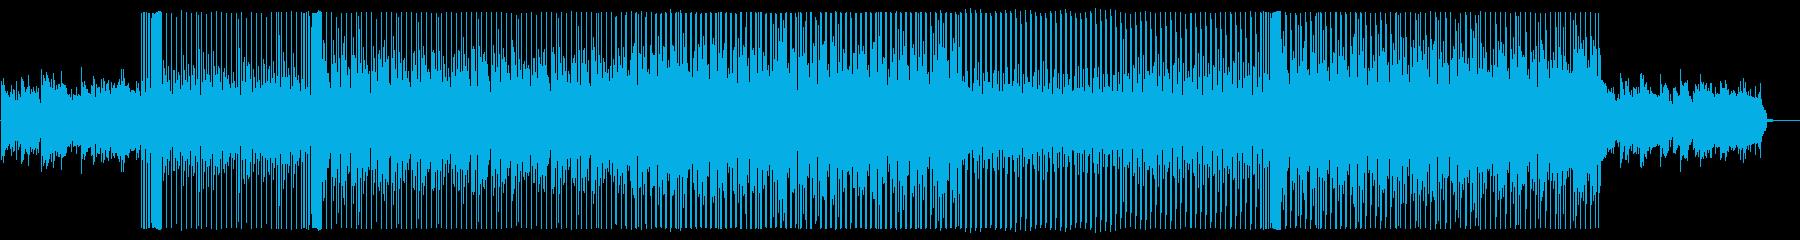 オシャレな雰囲気を演出するハウス系楽曲の再生済みの波形